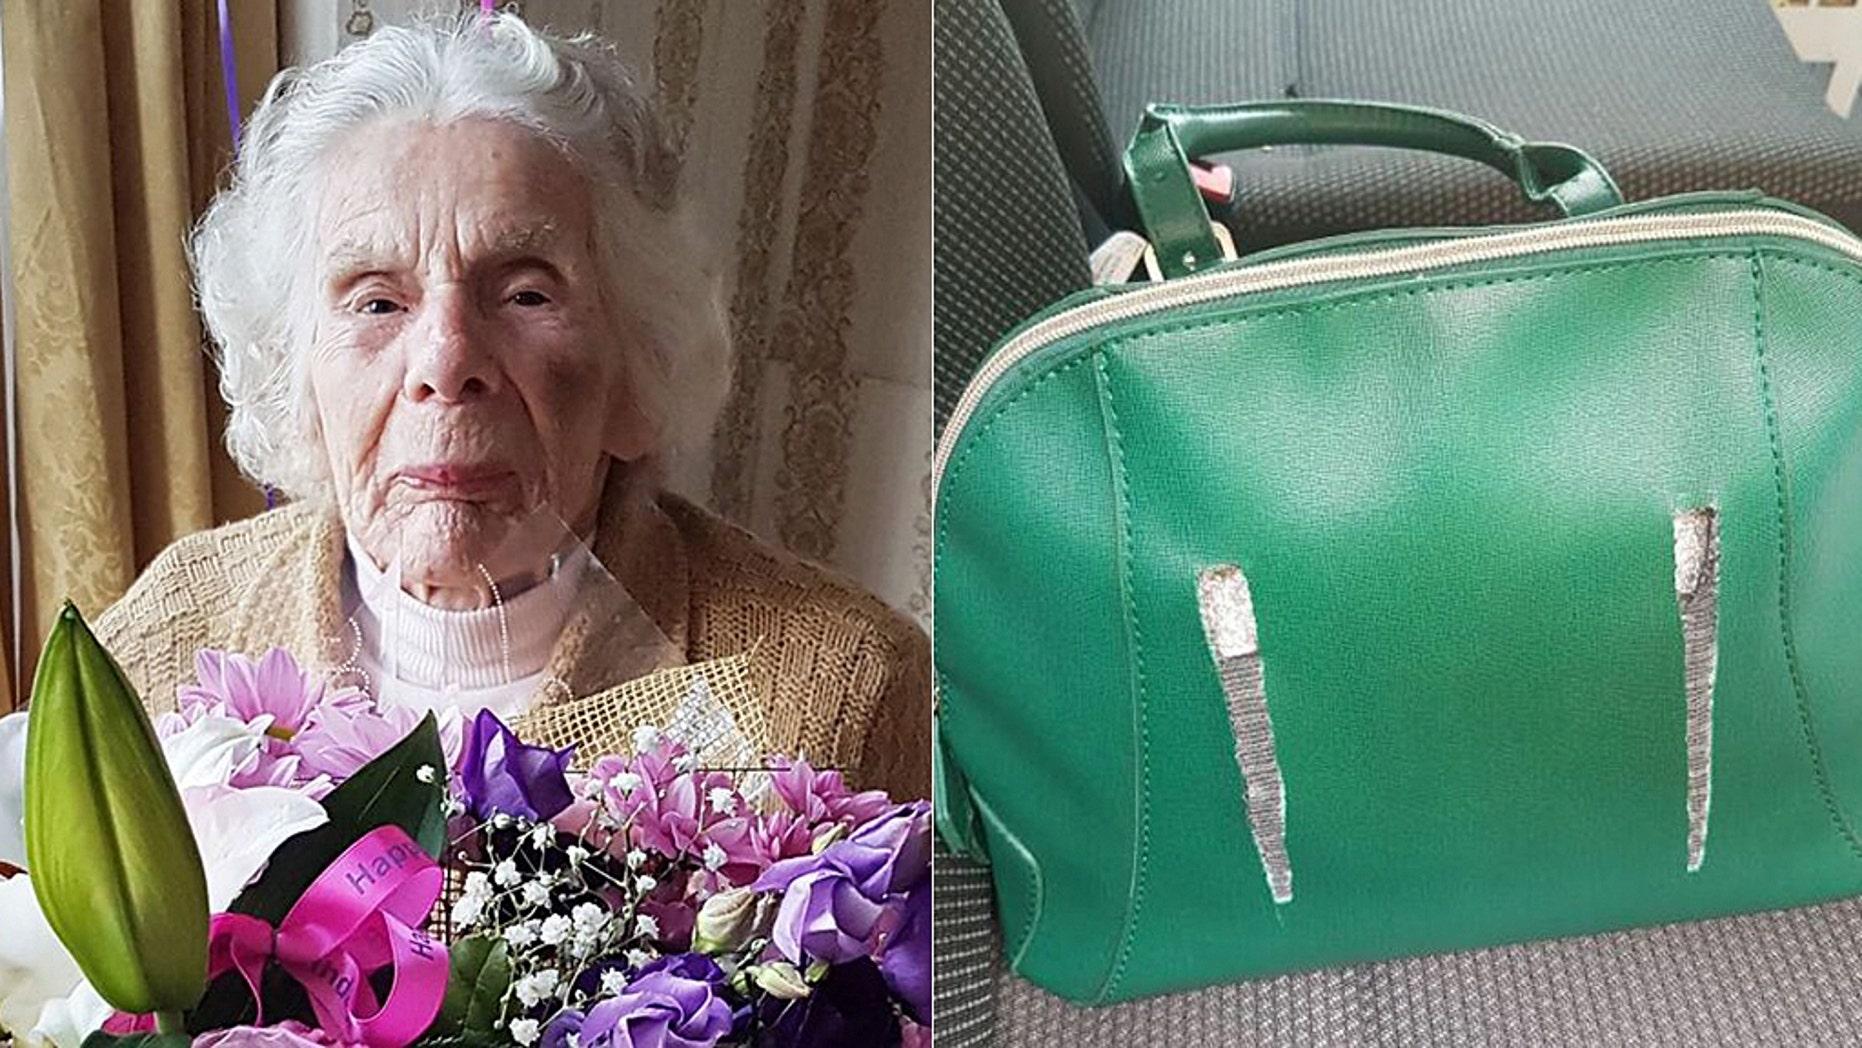 Zofija Kaczan, 100, died Wednesday after her neck was broken when her green purse was stolen.